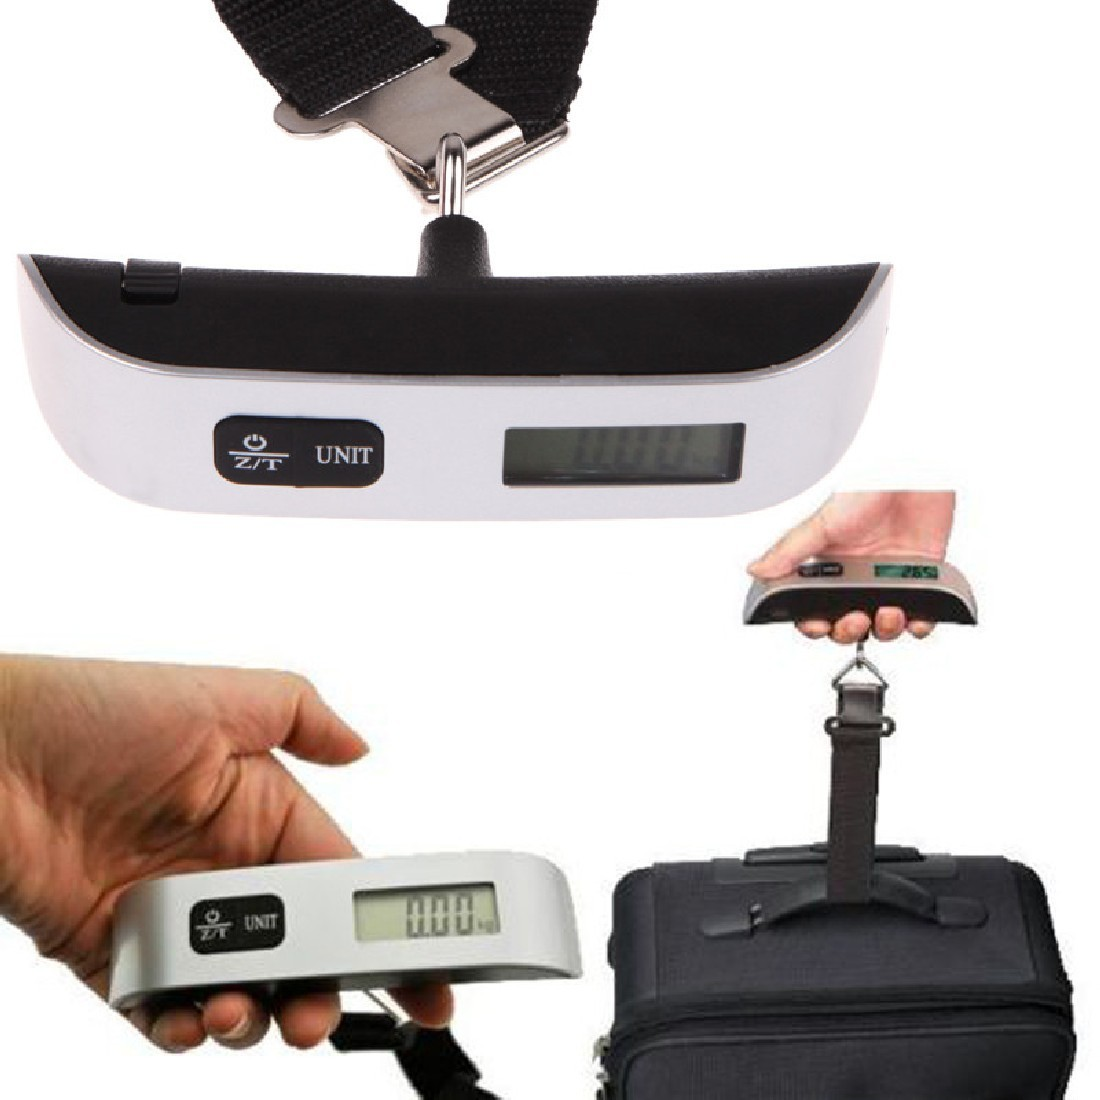 display LCD tenuto in mano appeso scala 50kg viaggio portatile bagagli bagaglio valigia peso peso scala di pesatura digitale gancio